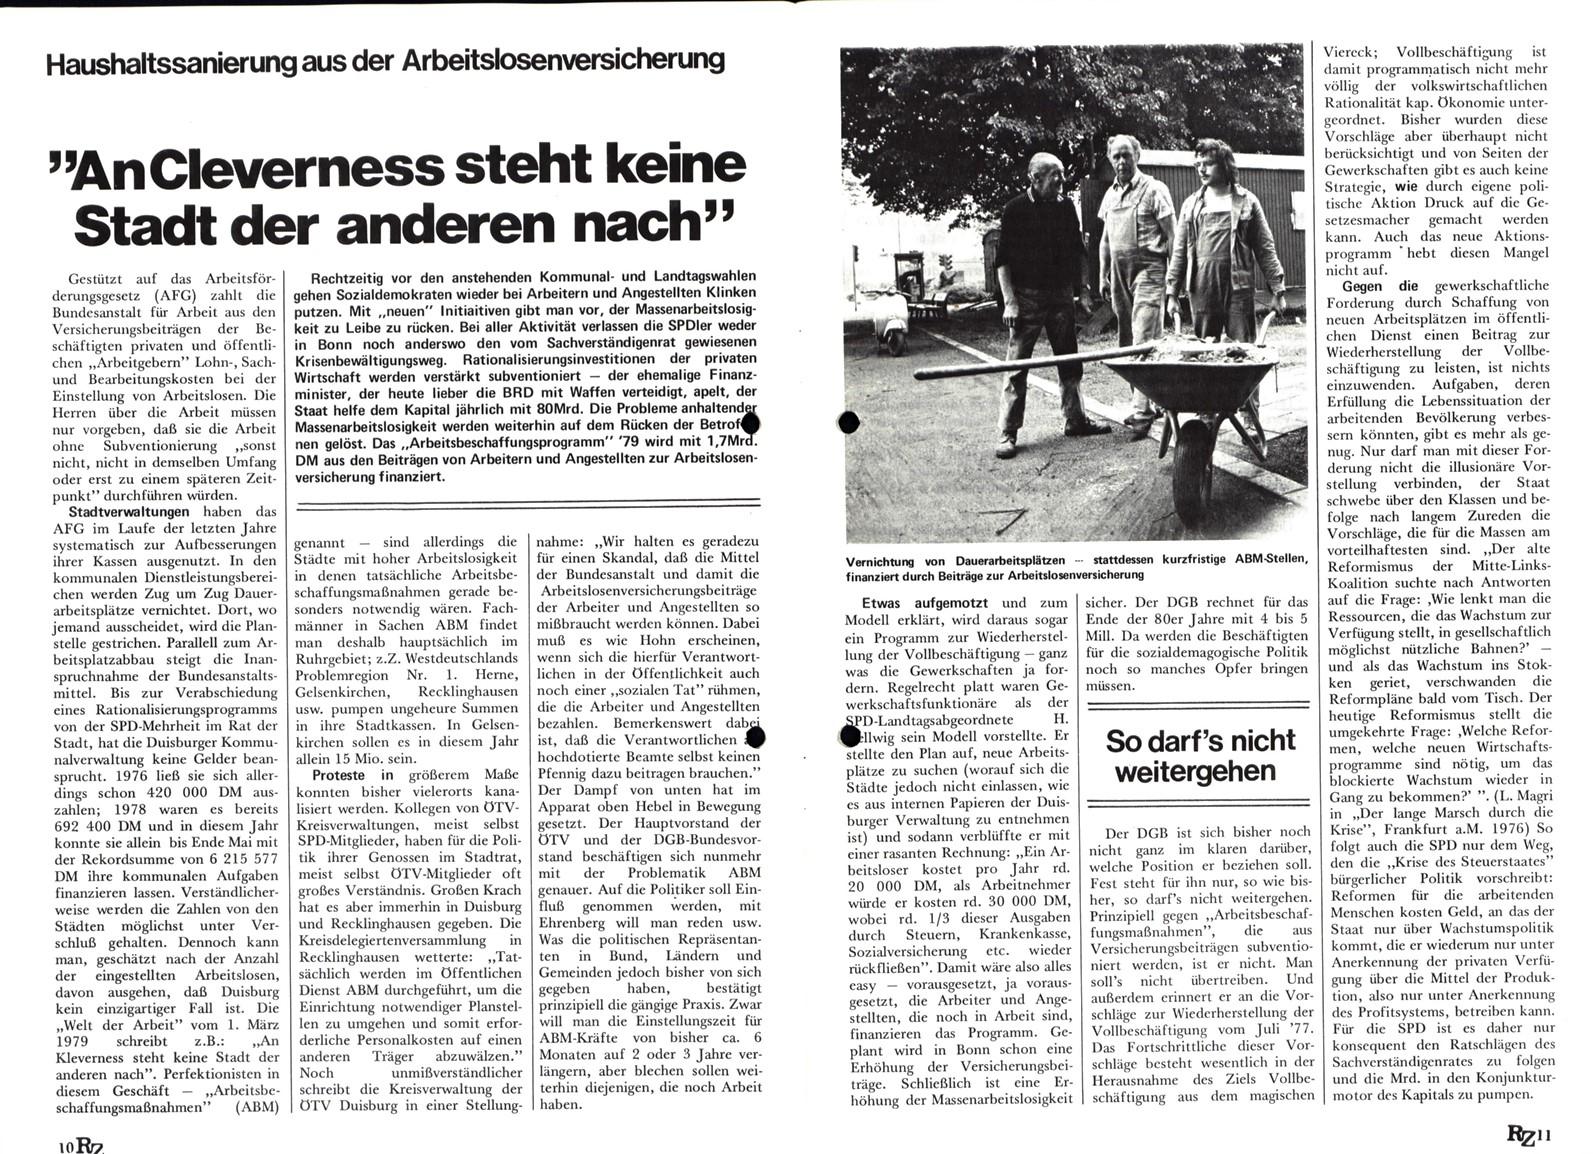 Bonn_RZ_21_19790800_06